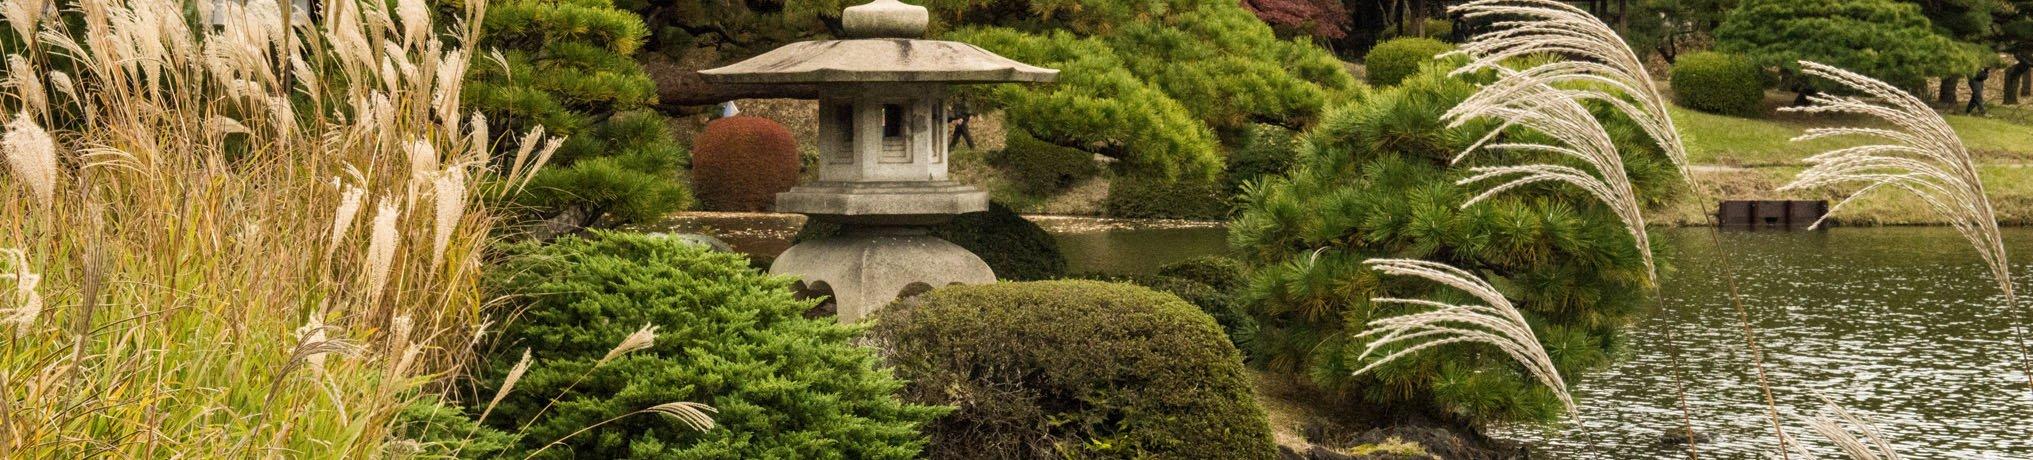 Japanische Stein Laternen